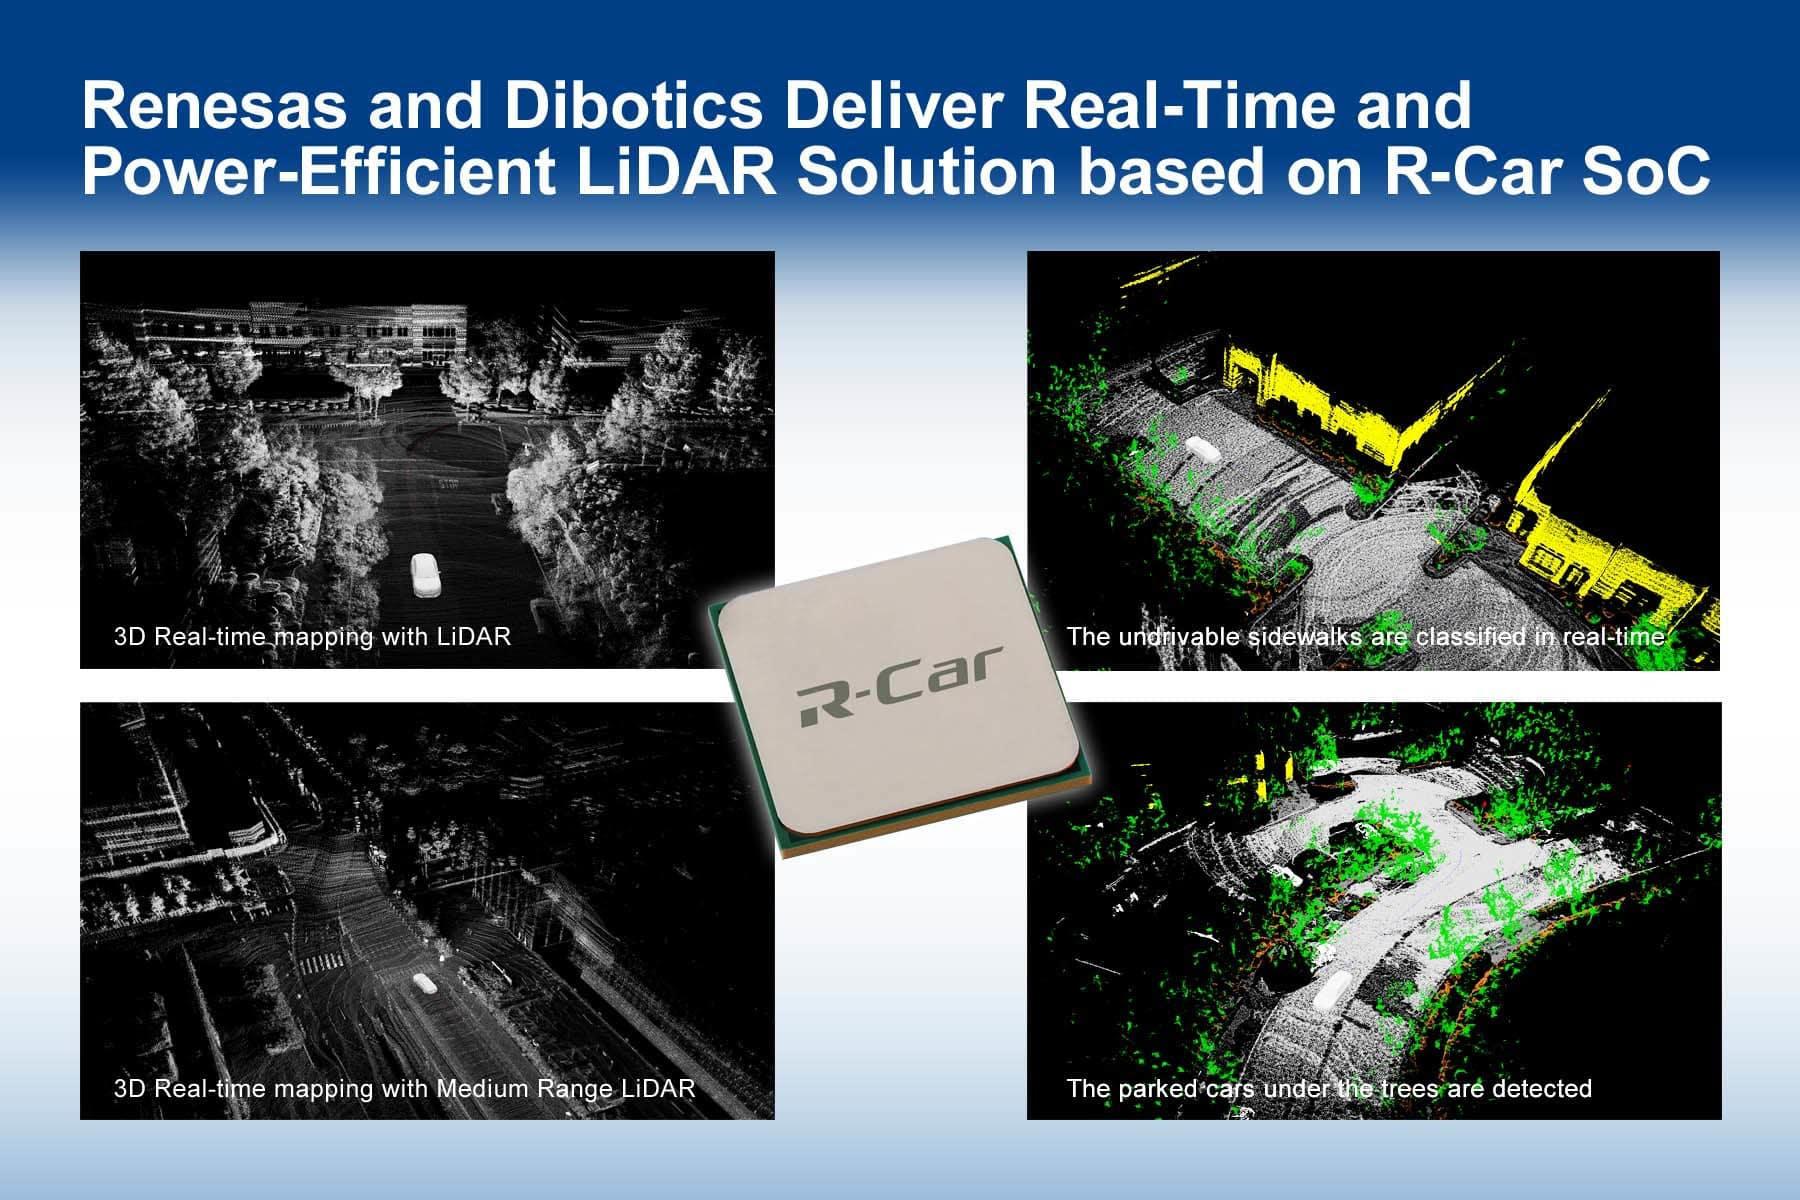 瑞萨电子和Dibotics推出基于R-Car SoC的实时、低功耗LiDAR解决方案